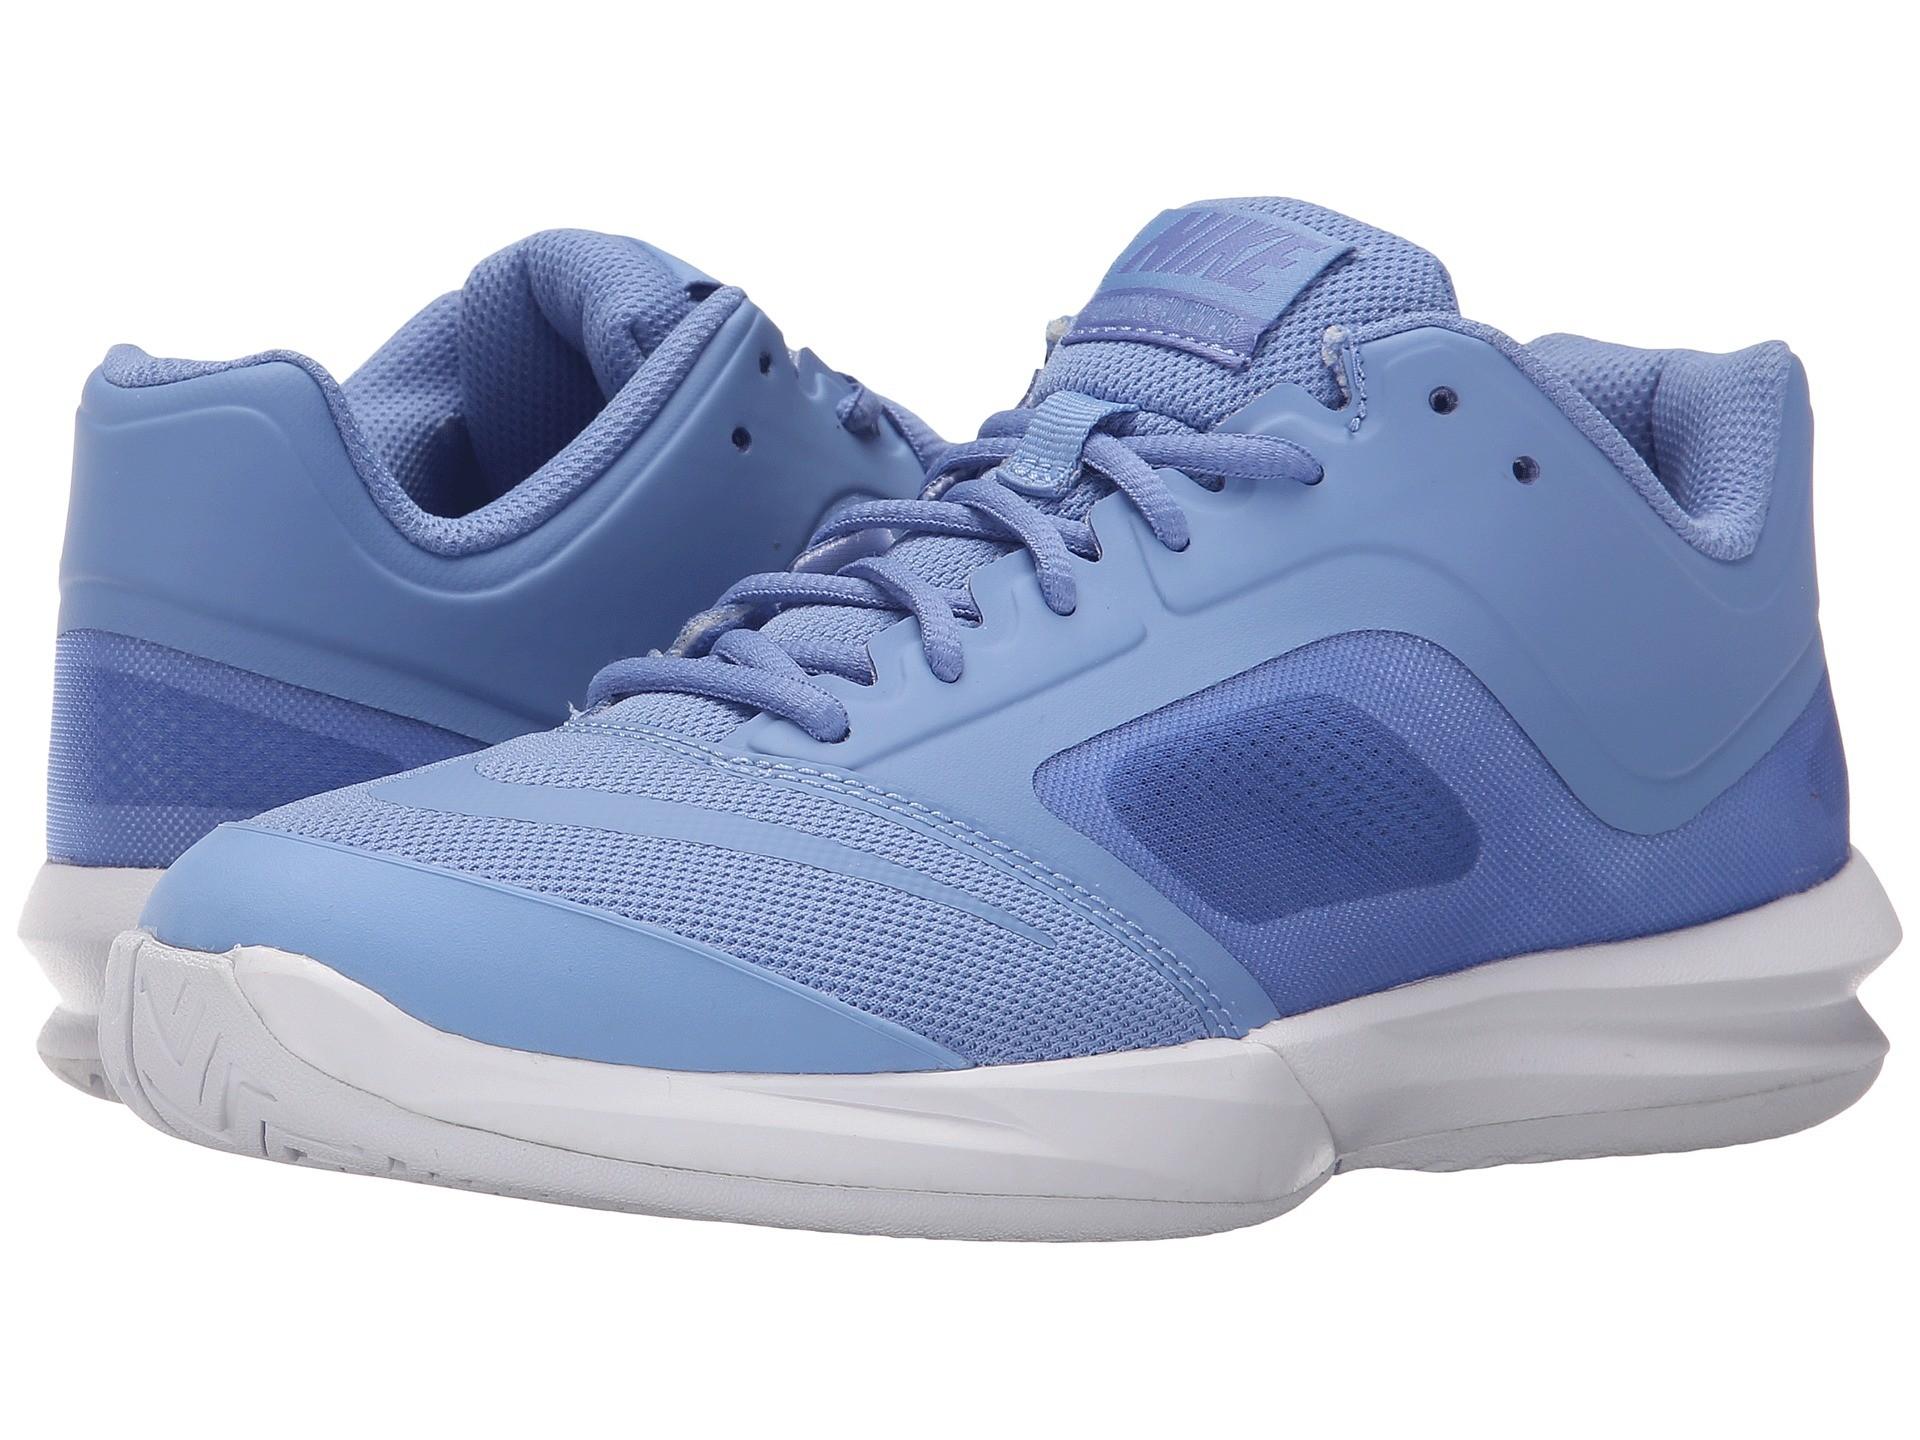 5c295b2509f Dámská tenisová obuv Nike Ballistec Advantage blue white - Tenissport Březno